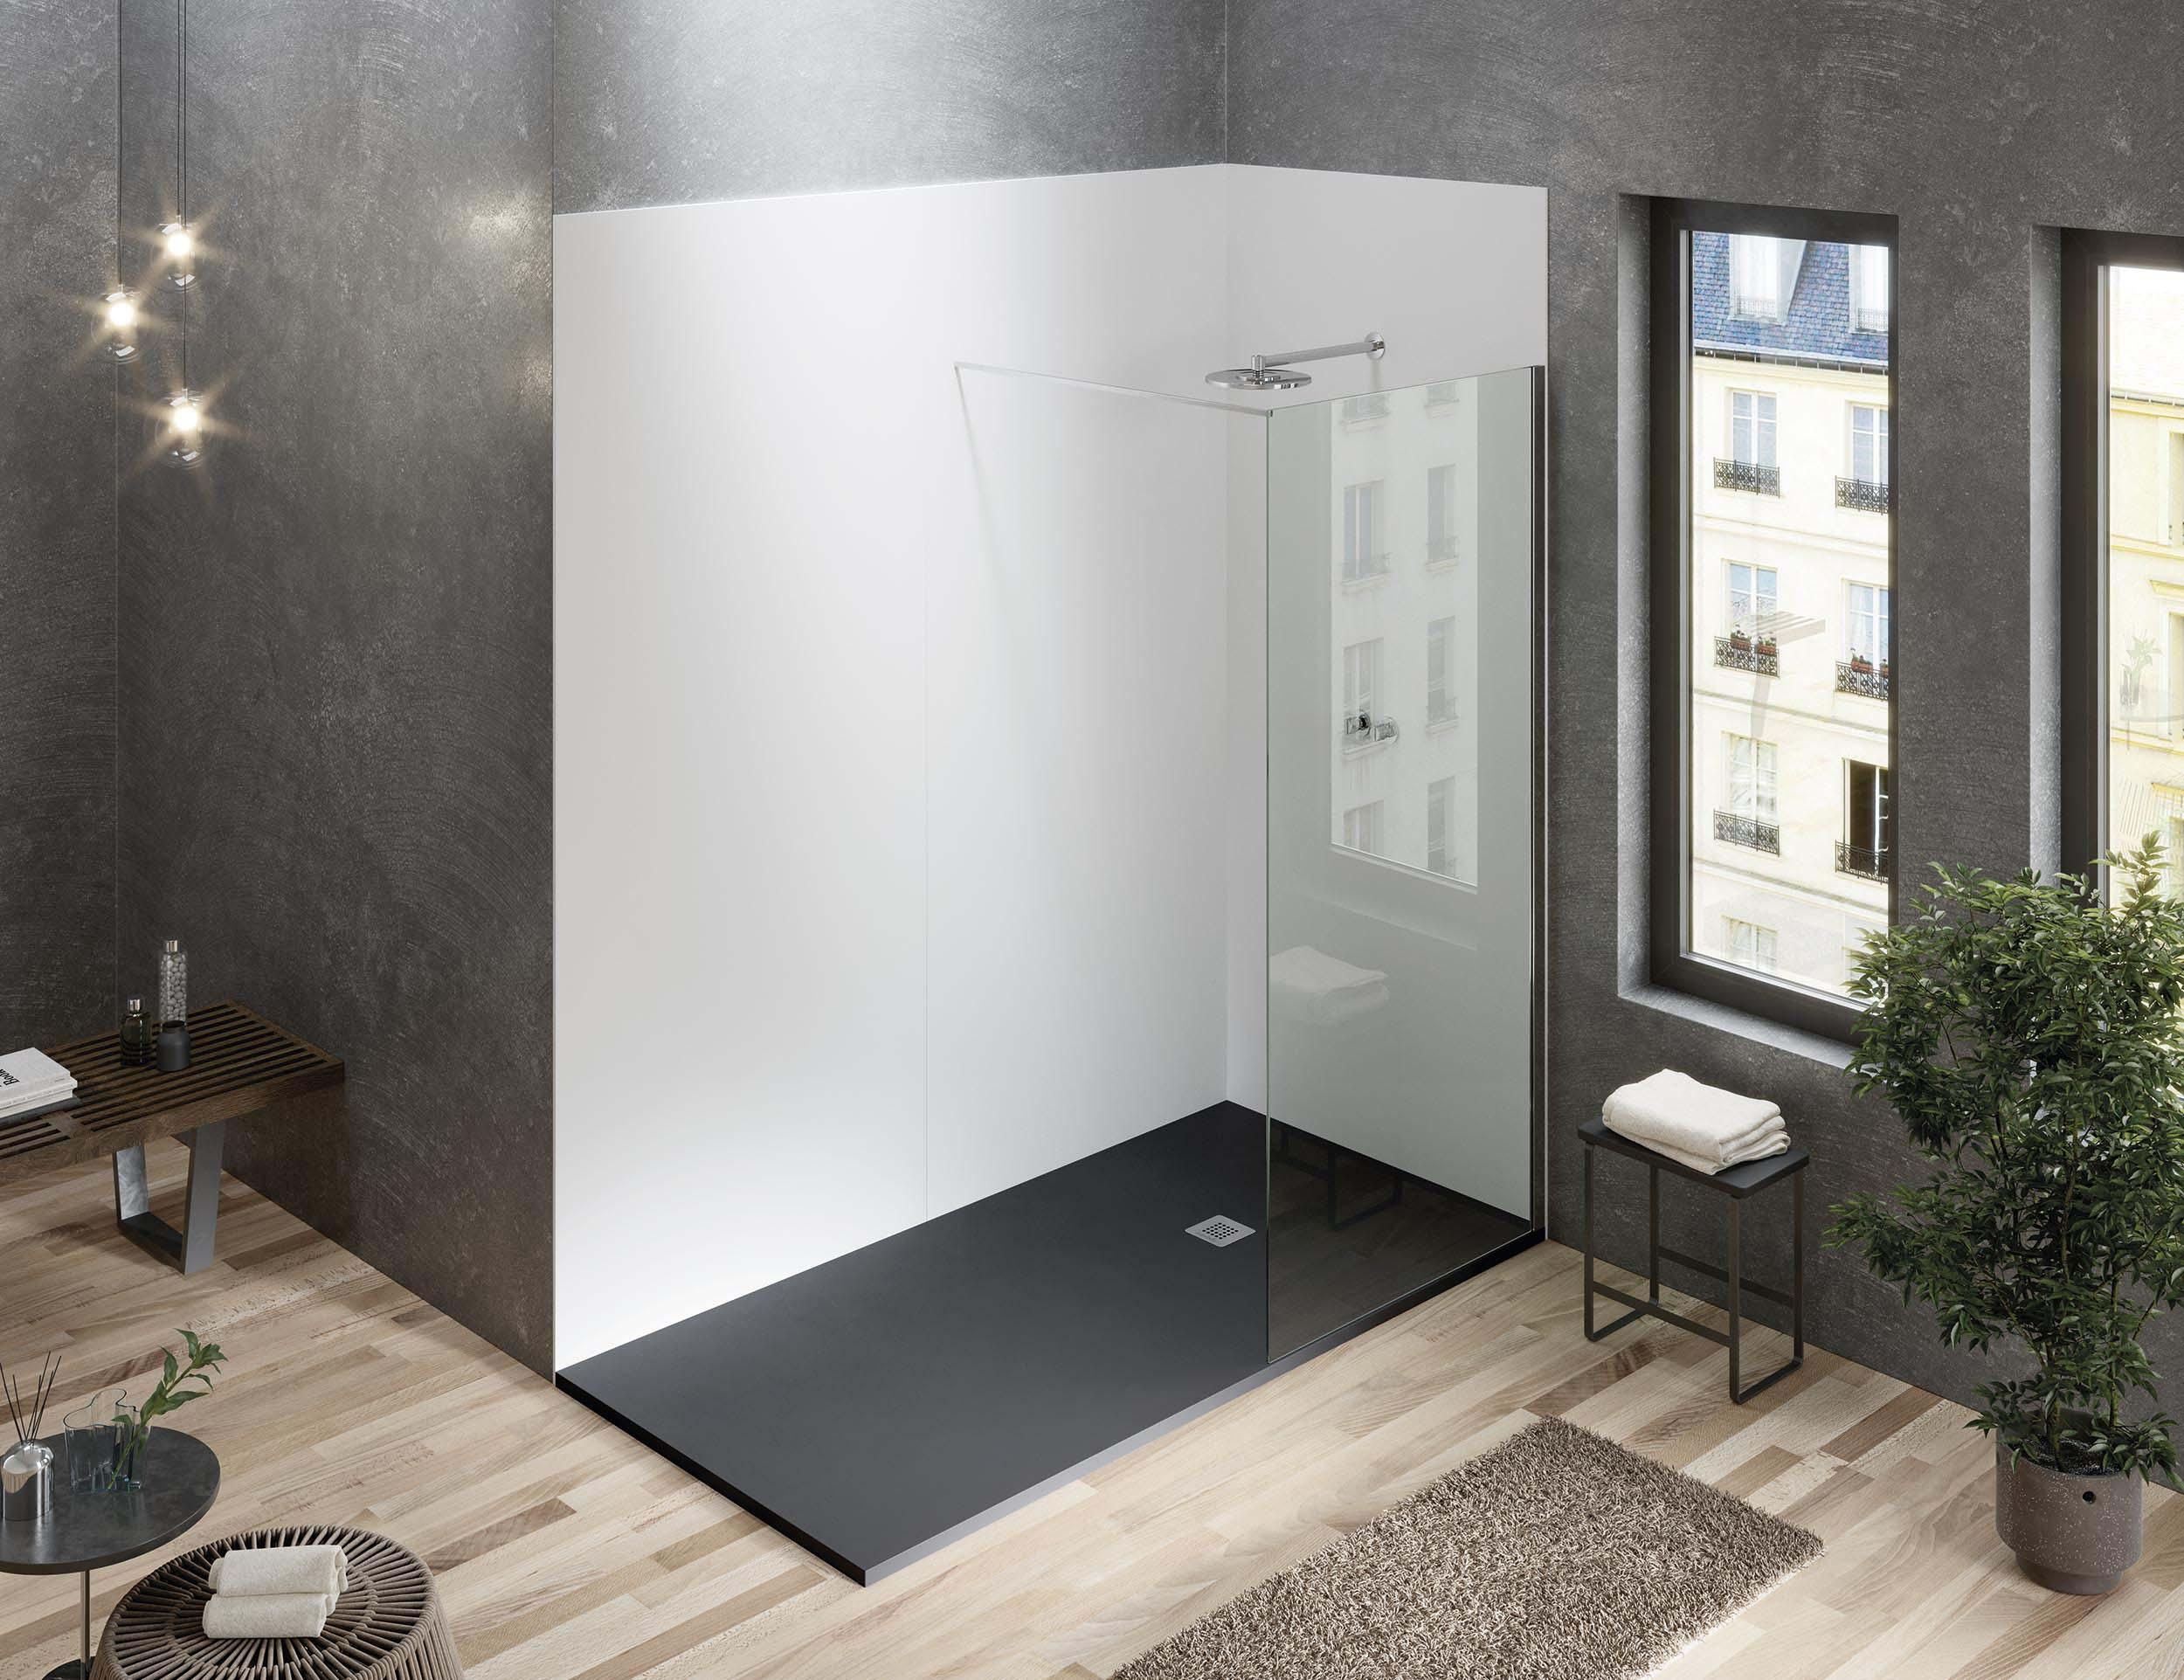 Comment avoir une salle de bain intemporelle